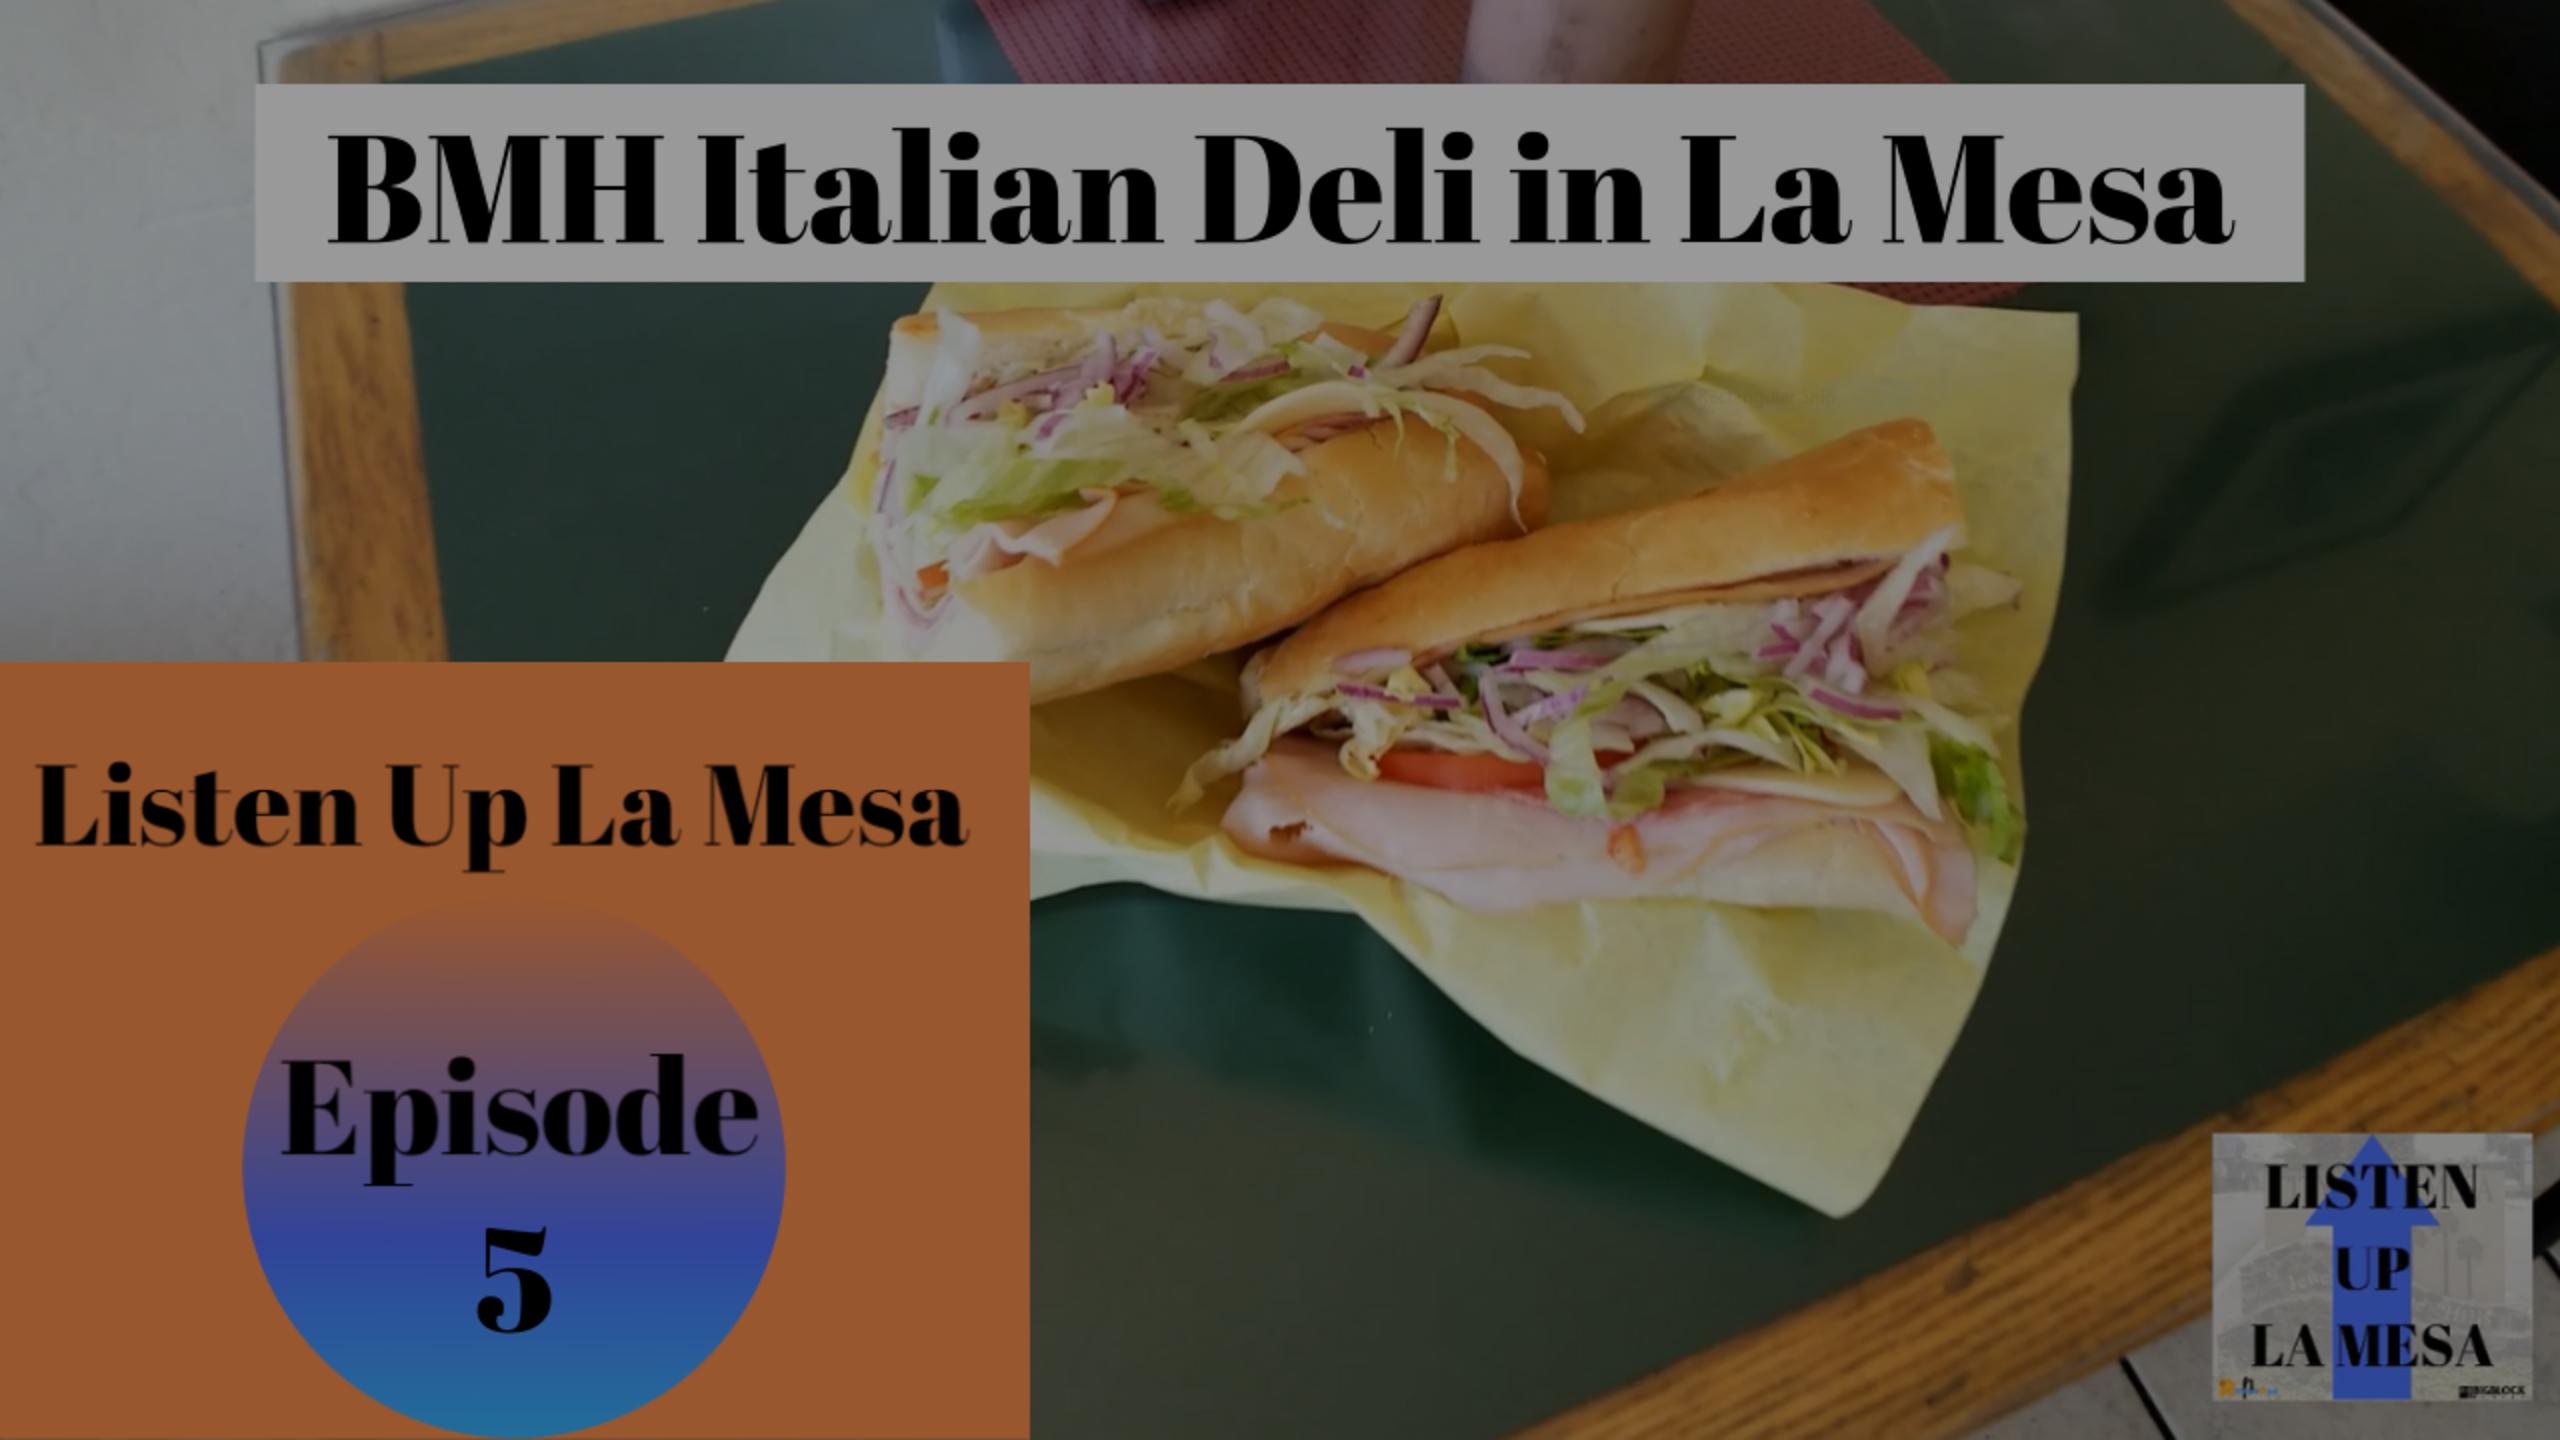 Listen Up La Mesa Ep5: BMH Italian Deli in La Mesa